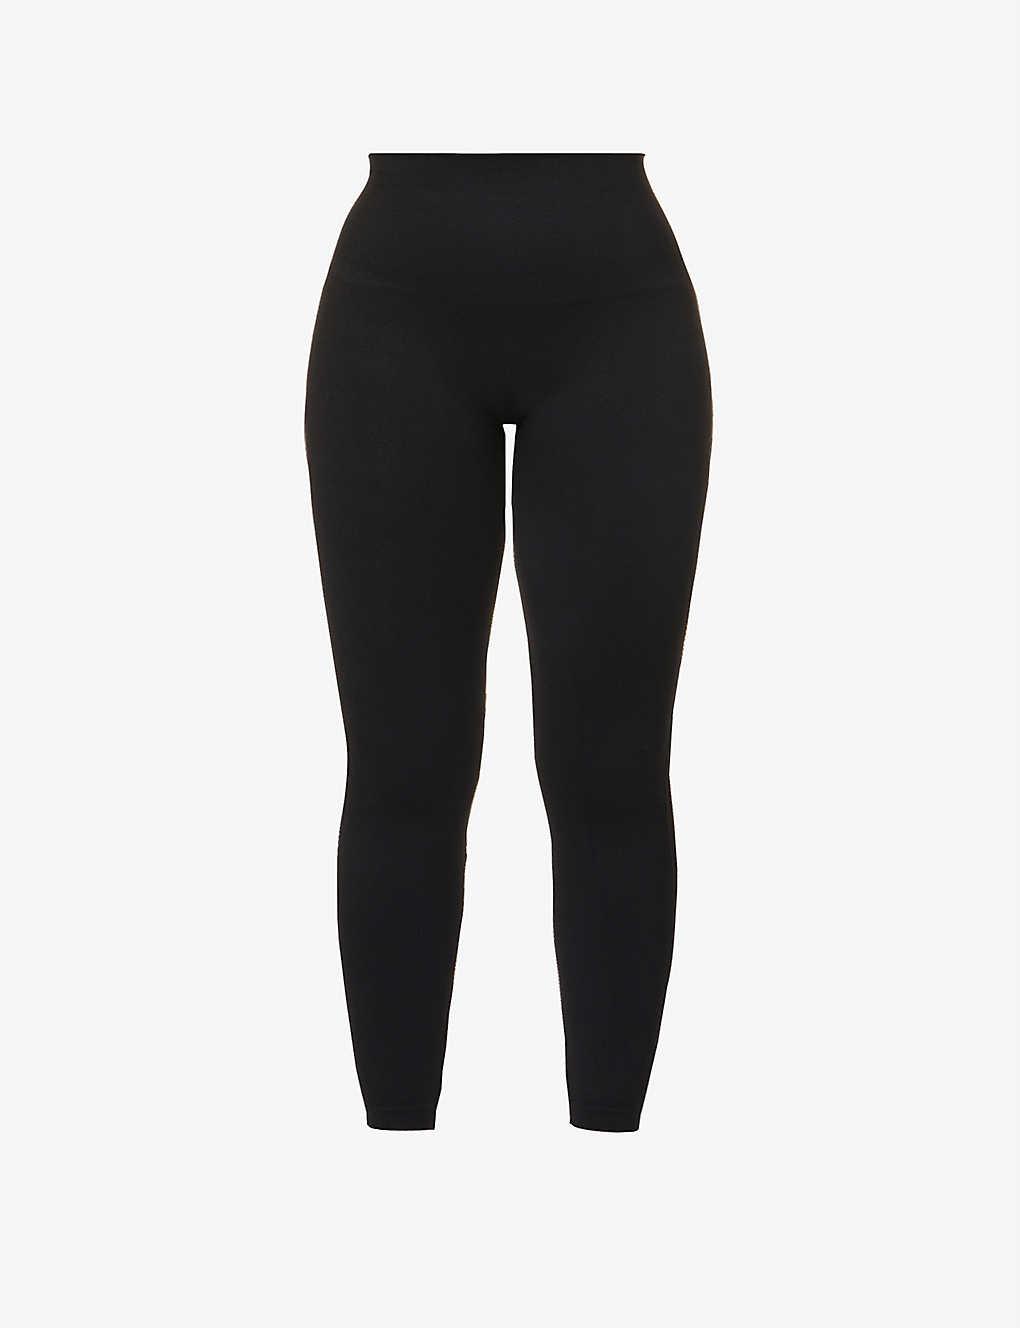 0e0cdf500b55b SPANX - Spanx look at me now leggings | Selfridges.com